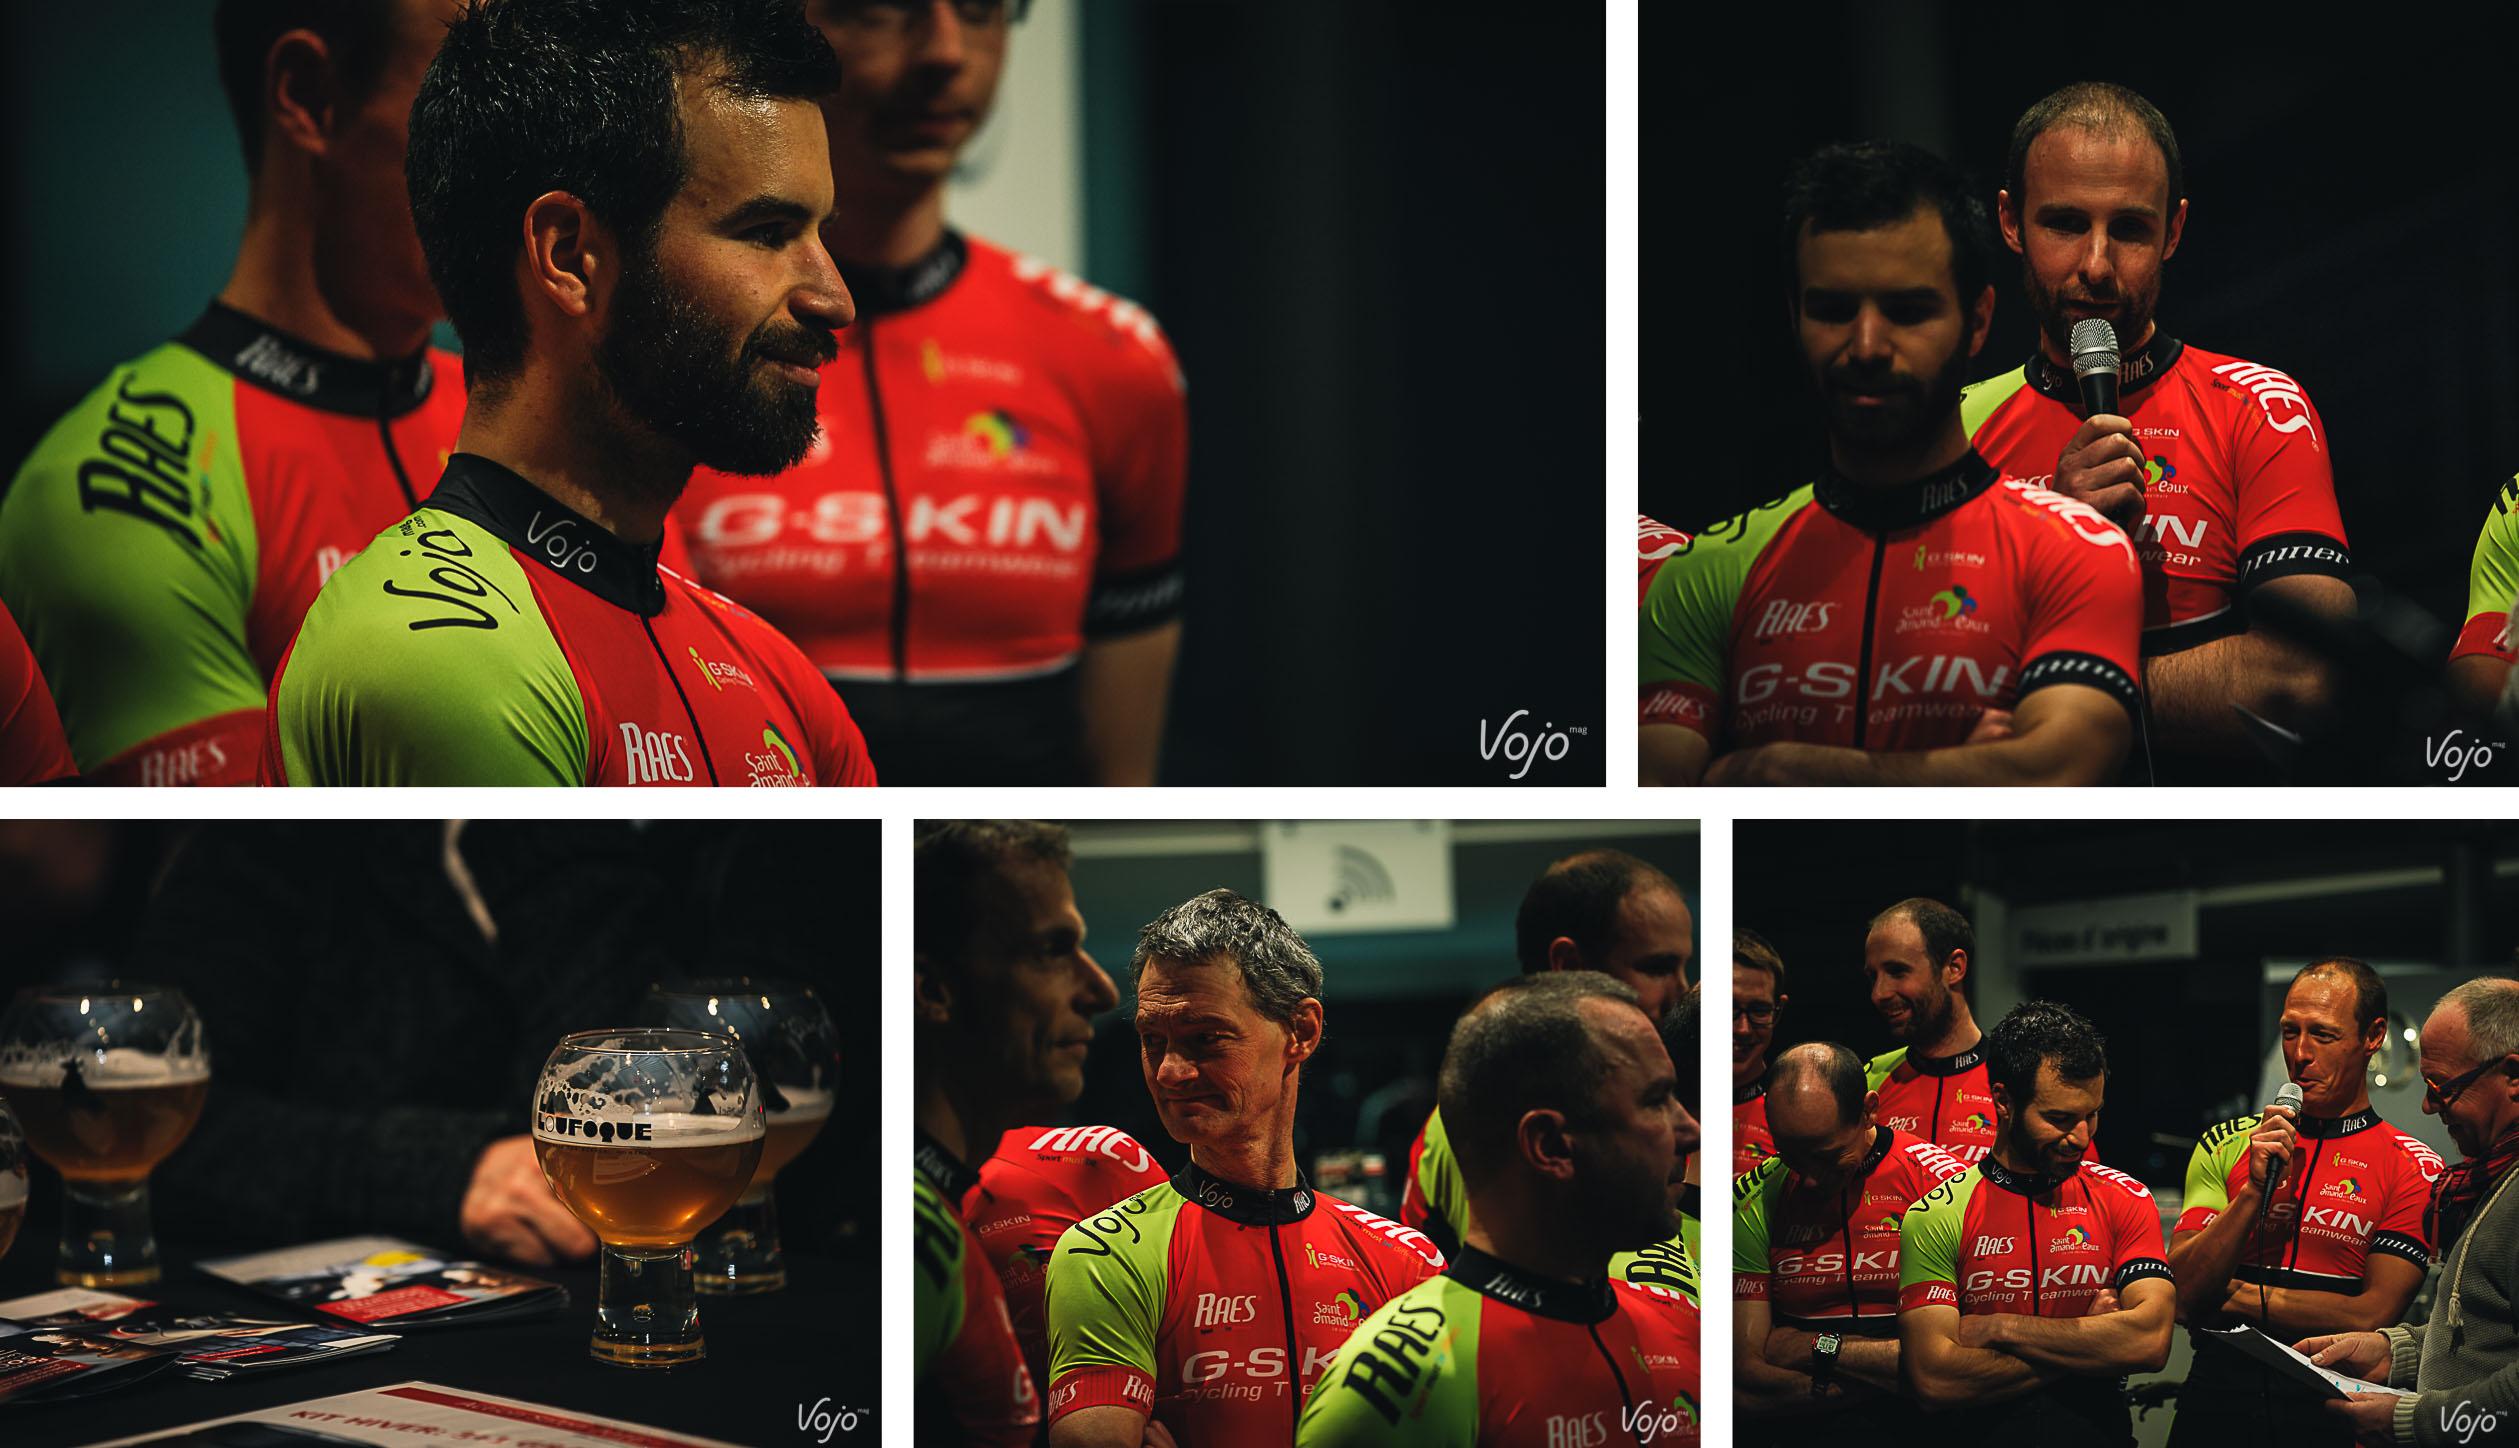 11-Team_GSkin_Raes_Niner_XC